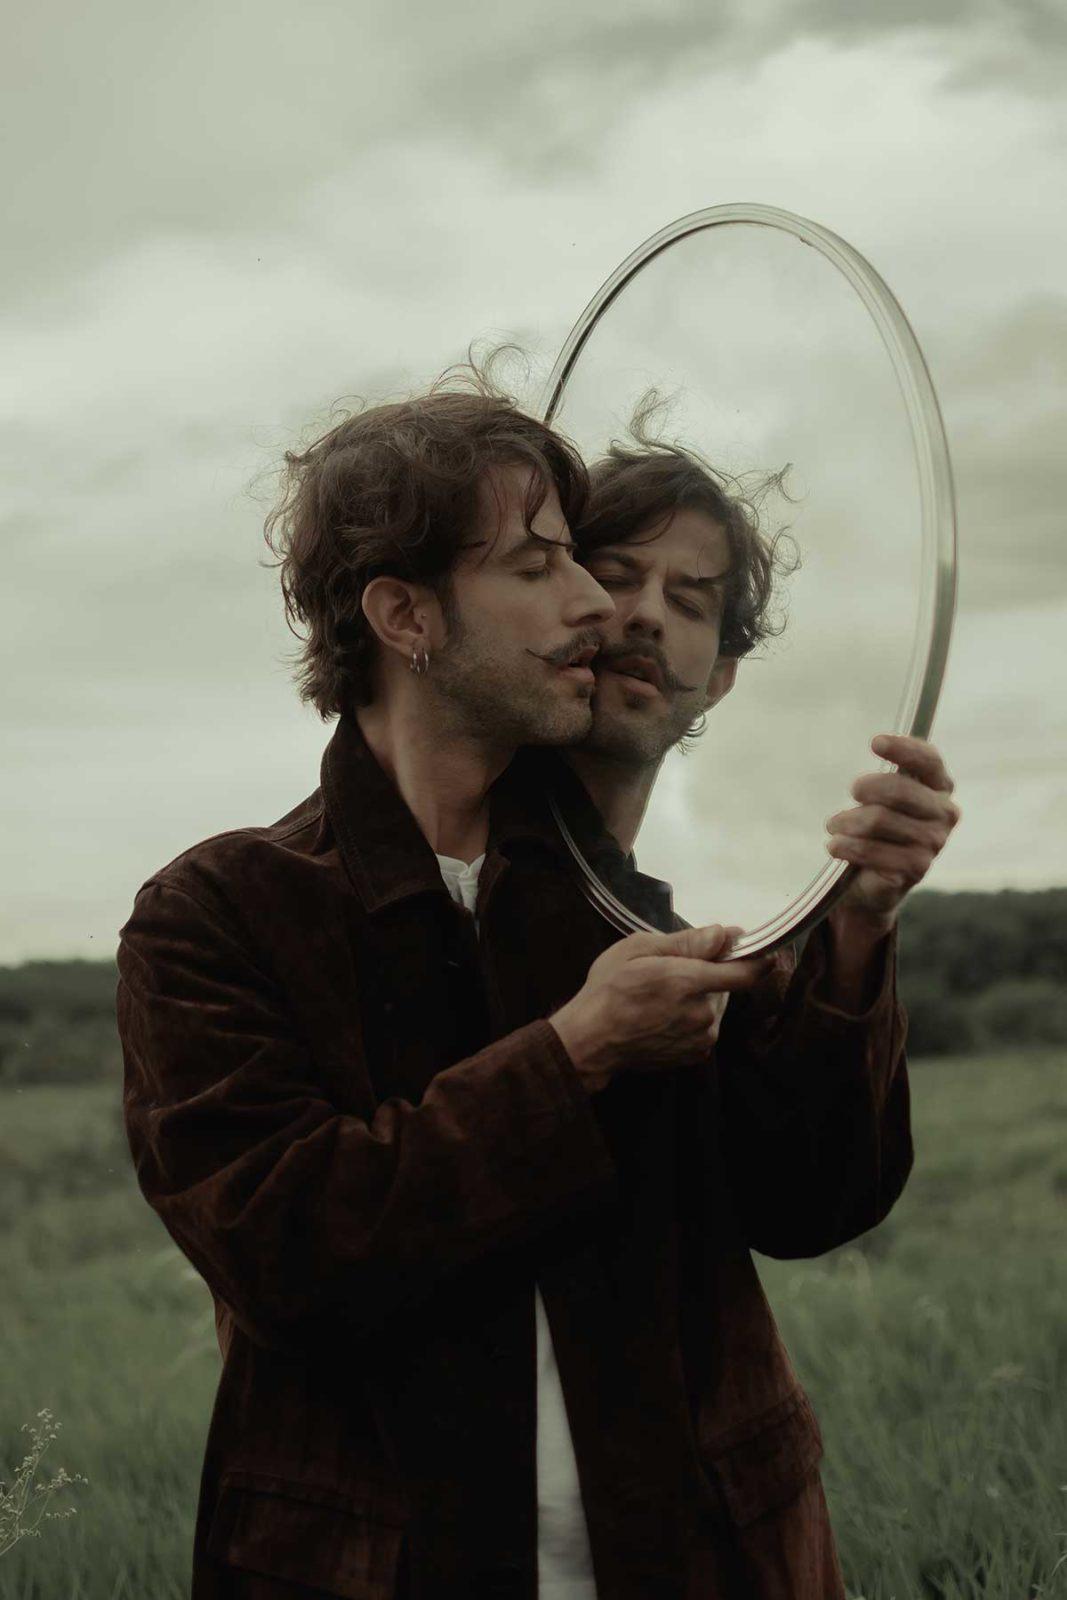 Усатый мужчина смотрит в зеркало